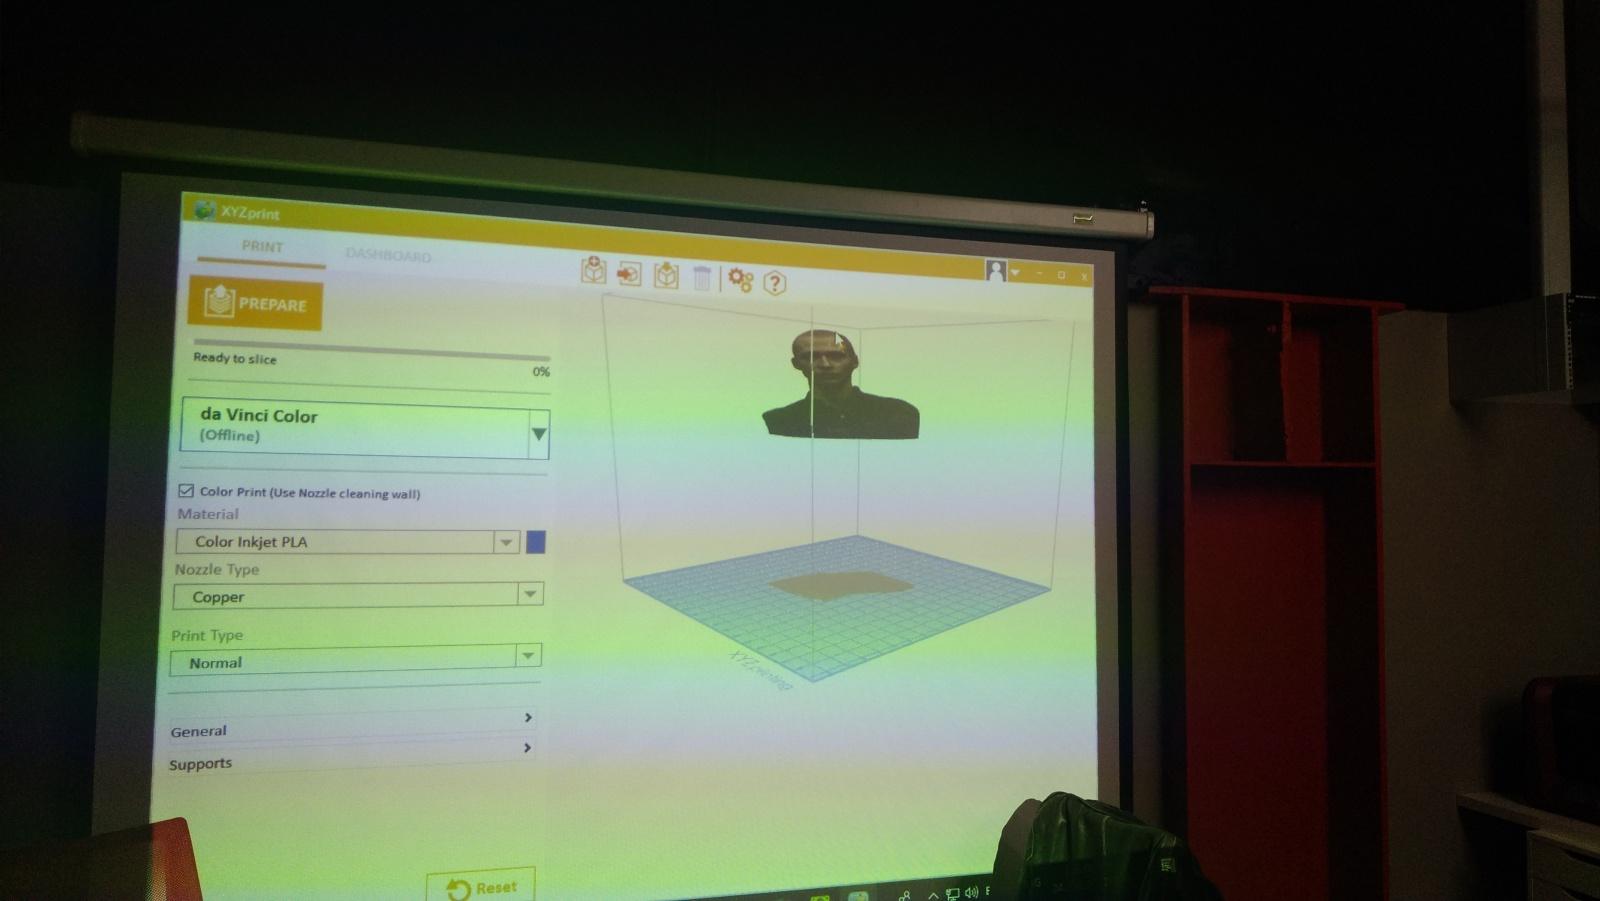 Цветной 3D-принтер Da Vinci. Фоторепортаж с презентации Компании XYZprinting - 23